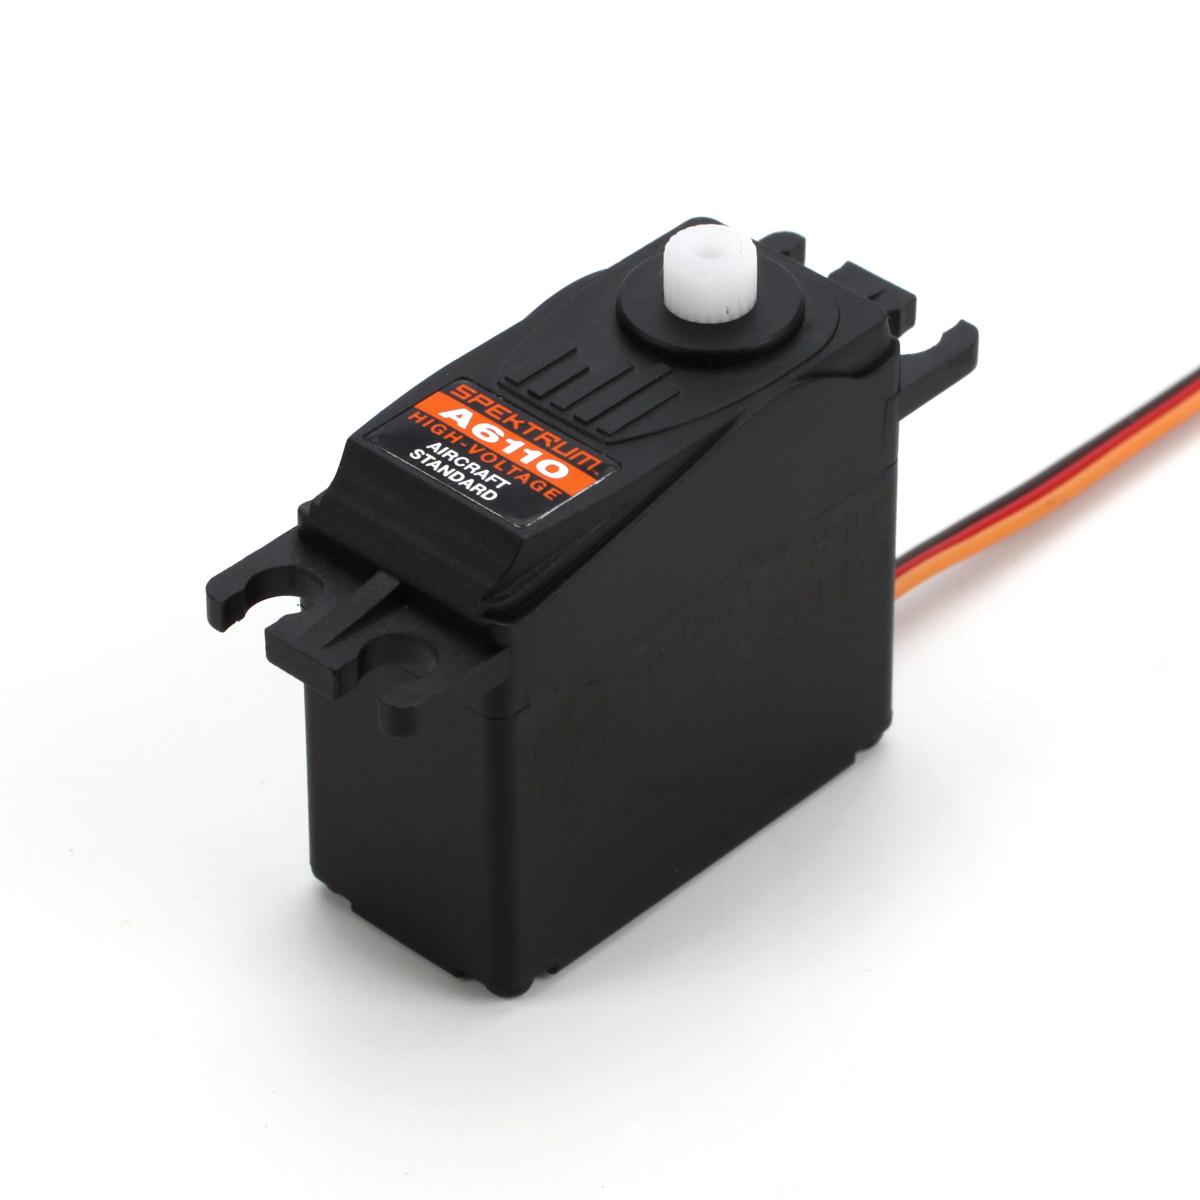 New High-Voltage Servo from Spektrum